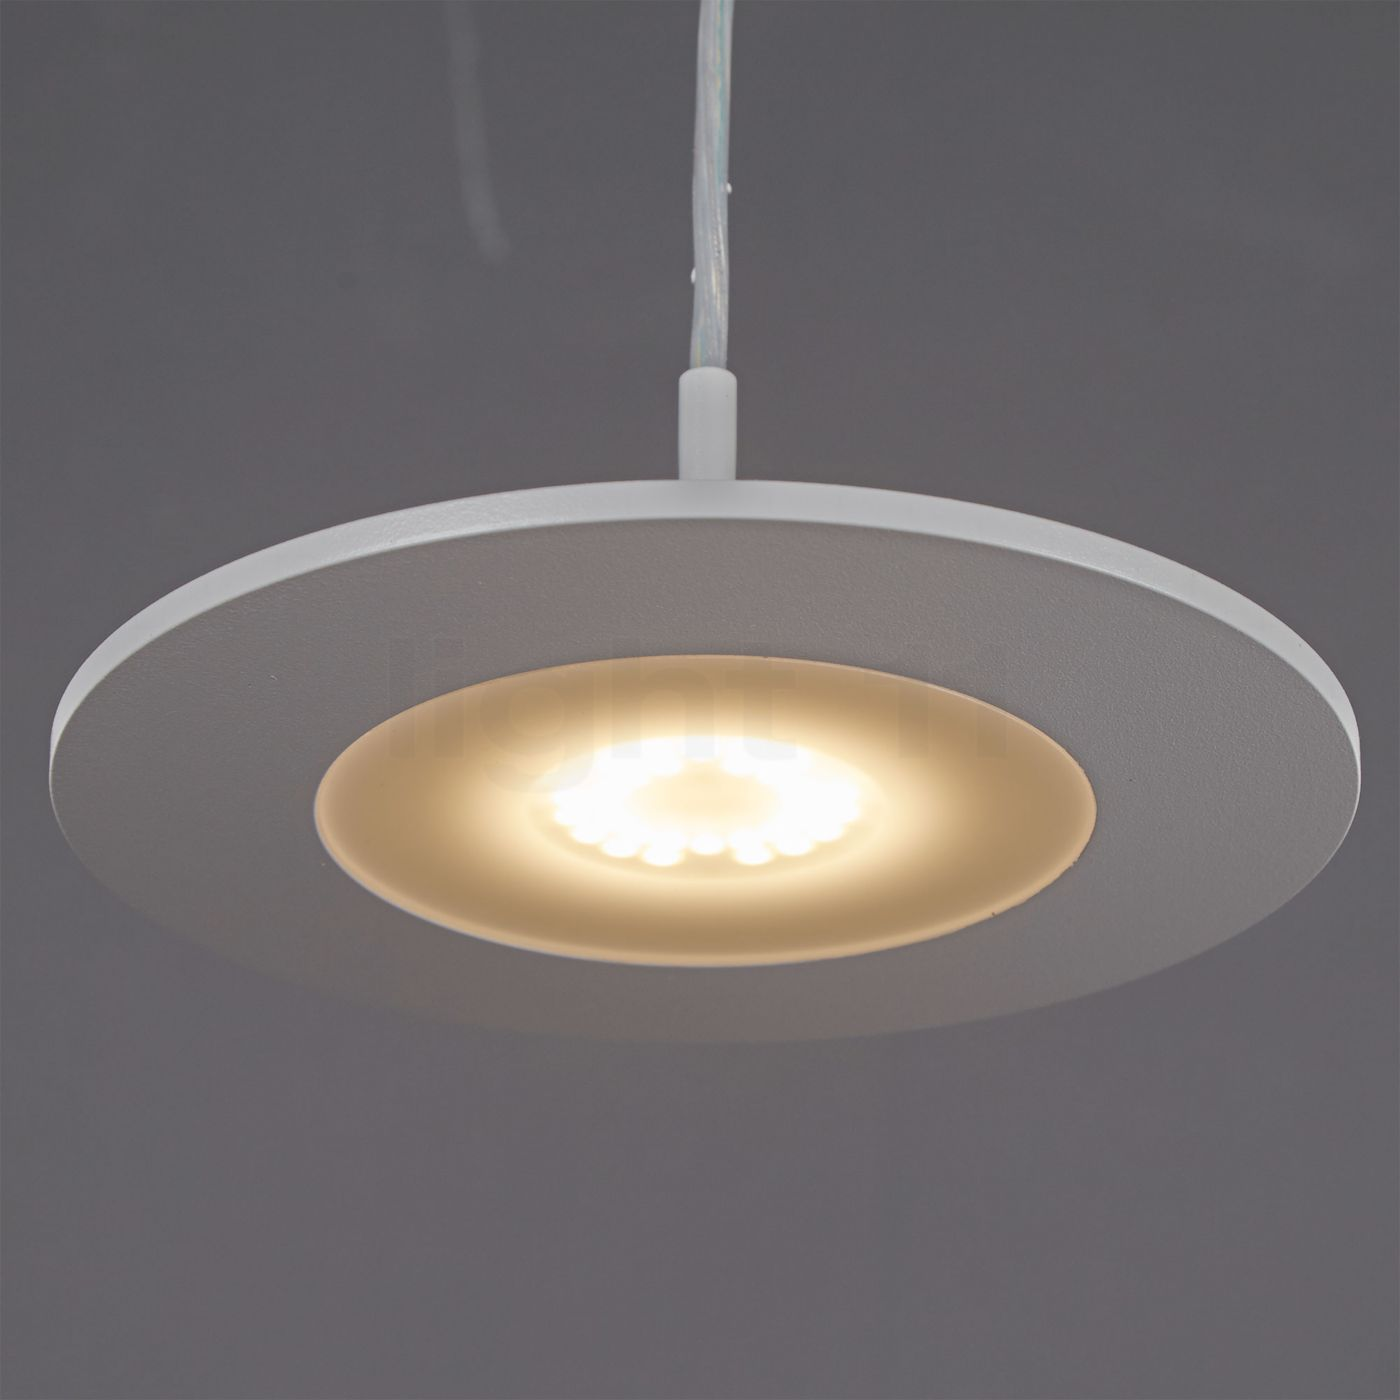 Steng Licht steng licht screen pendant light pendant lights light11 eu